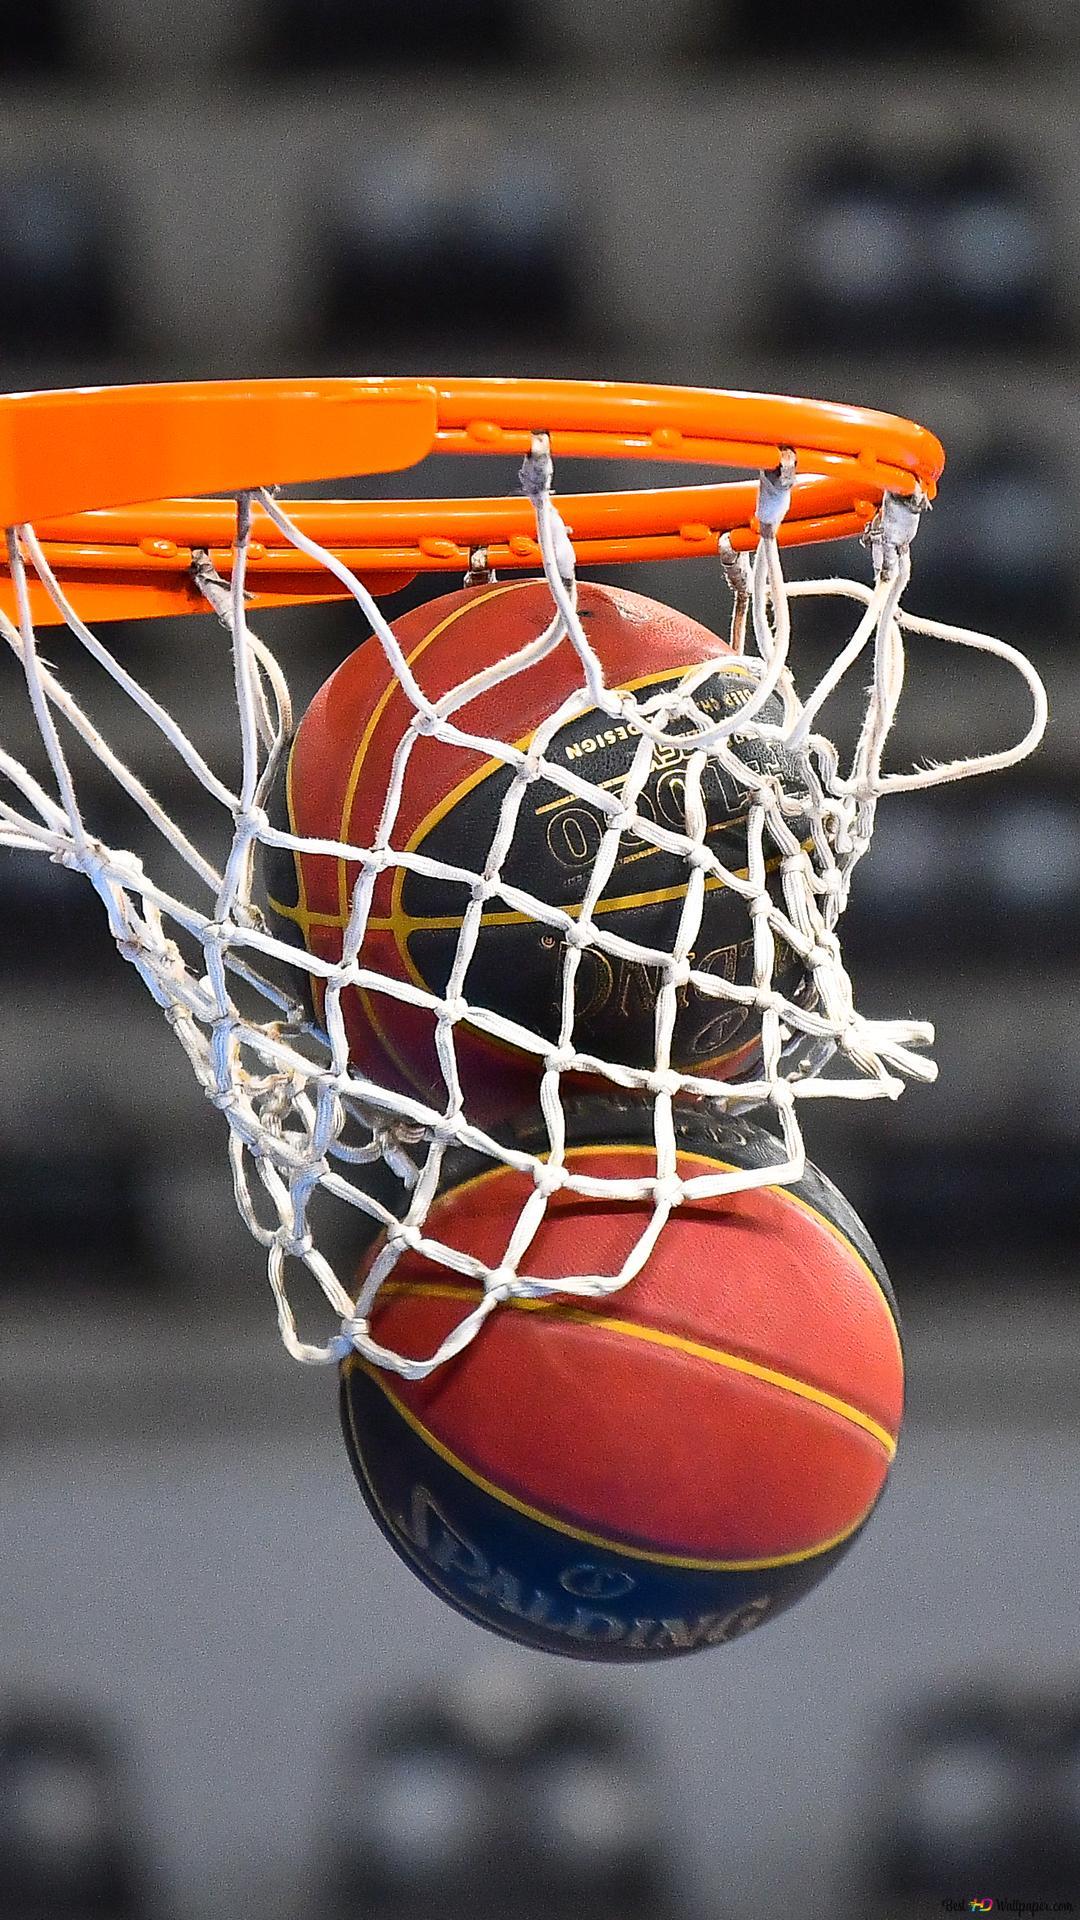 2つのボールはバスケットボールフープを通して落下します Hd壁紙のダウンロード